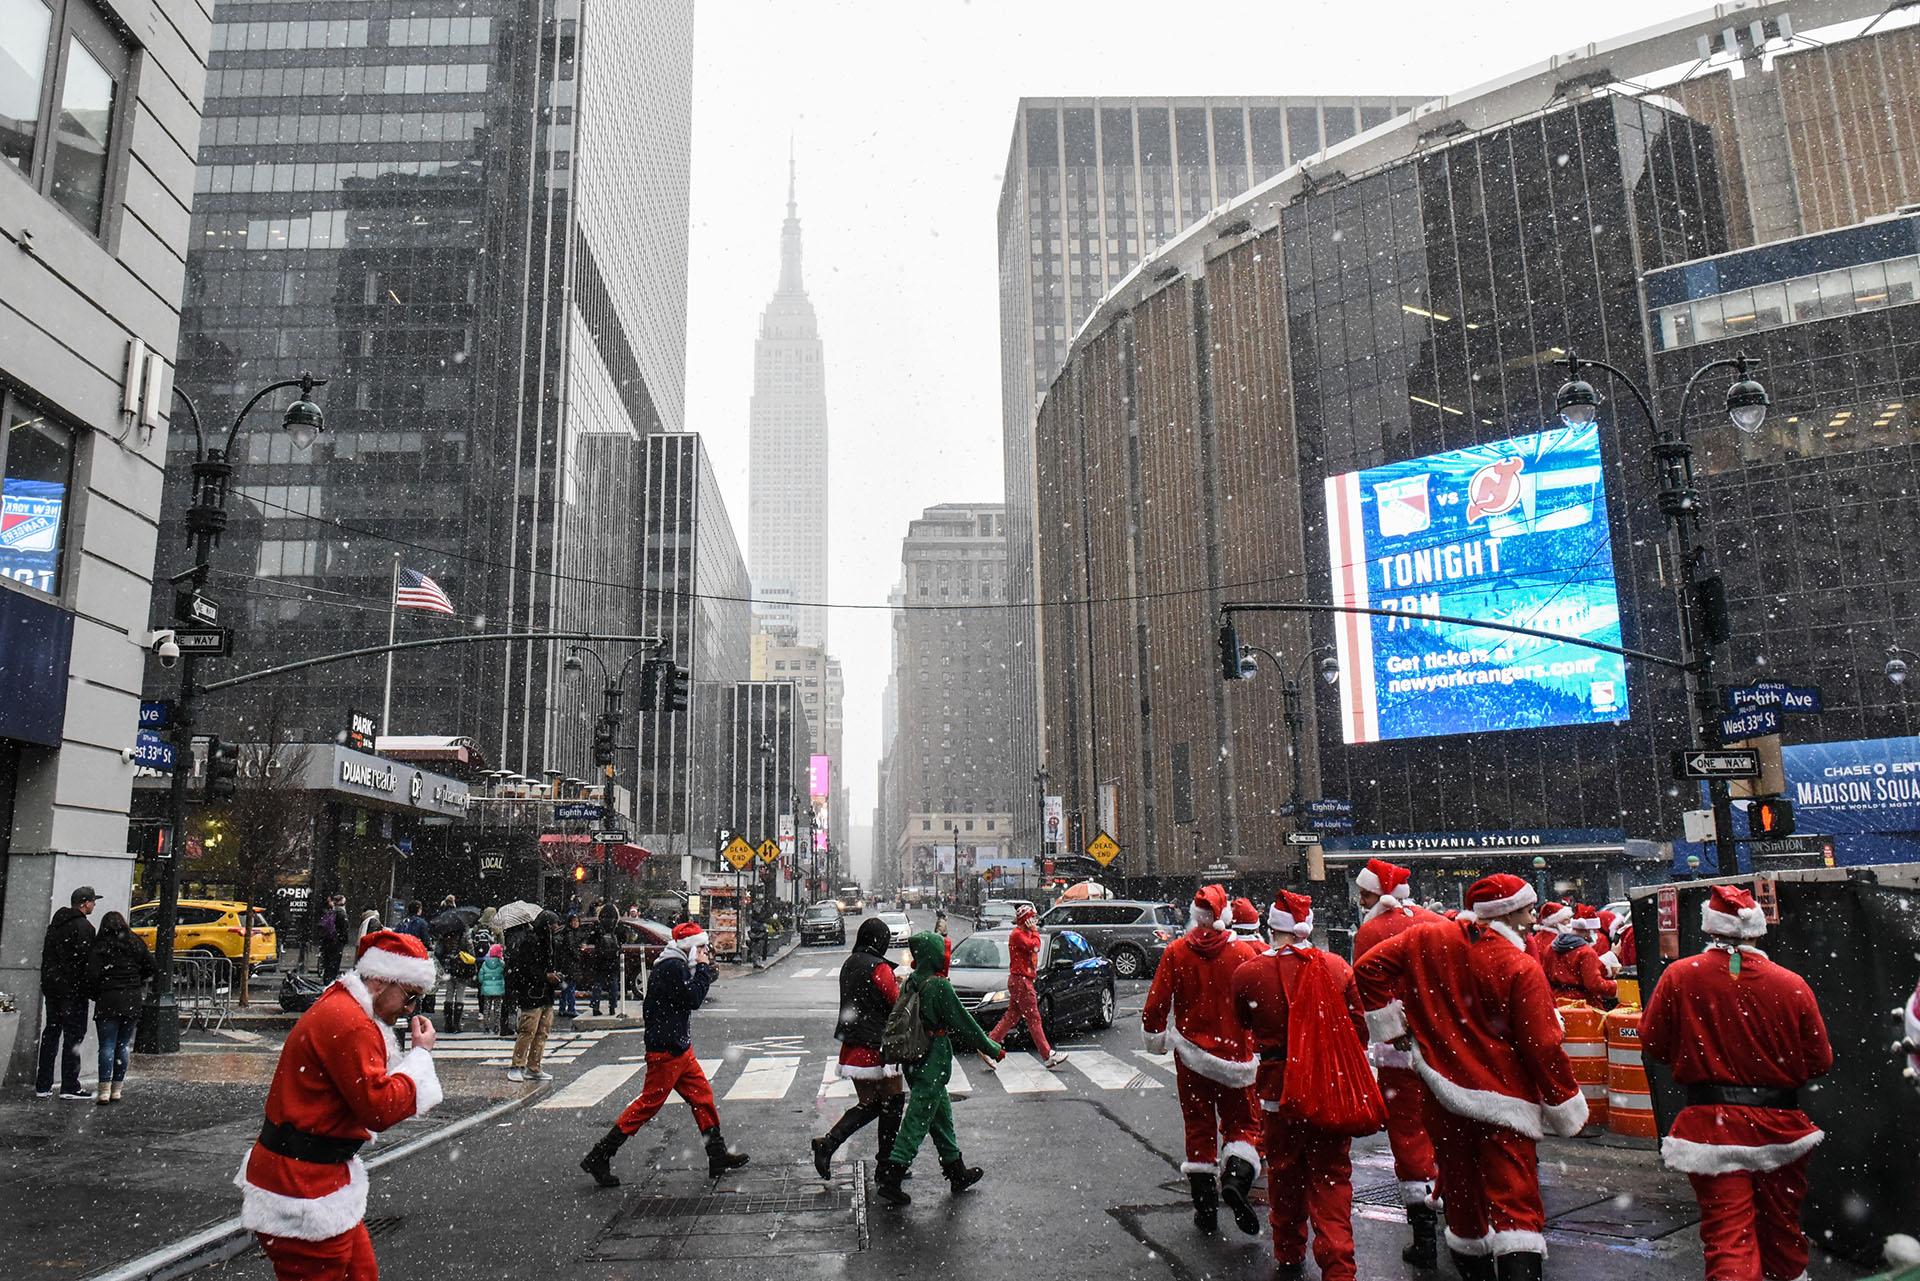 Personas vestidas como Santa Claus participan en el bar hopping anual SantaCon el 9 de diciembre de 2017 en la ciudad de Nueva York. (Getty Images)